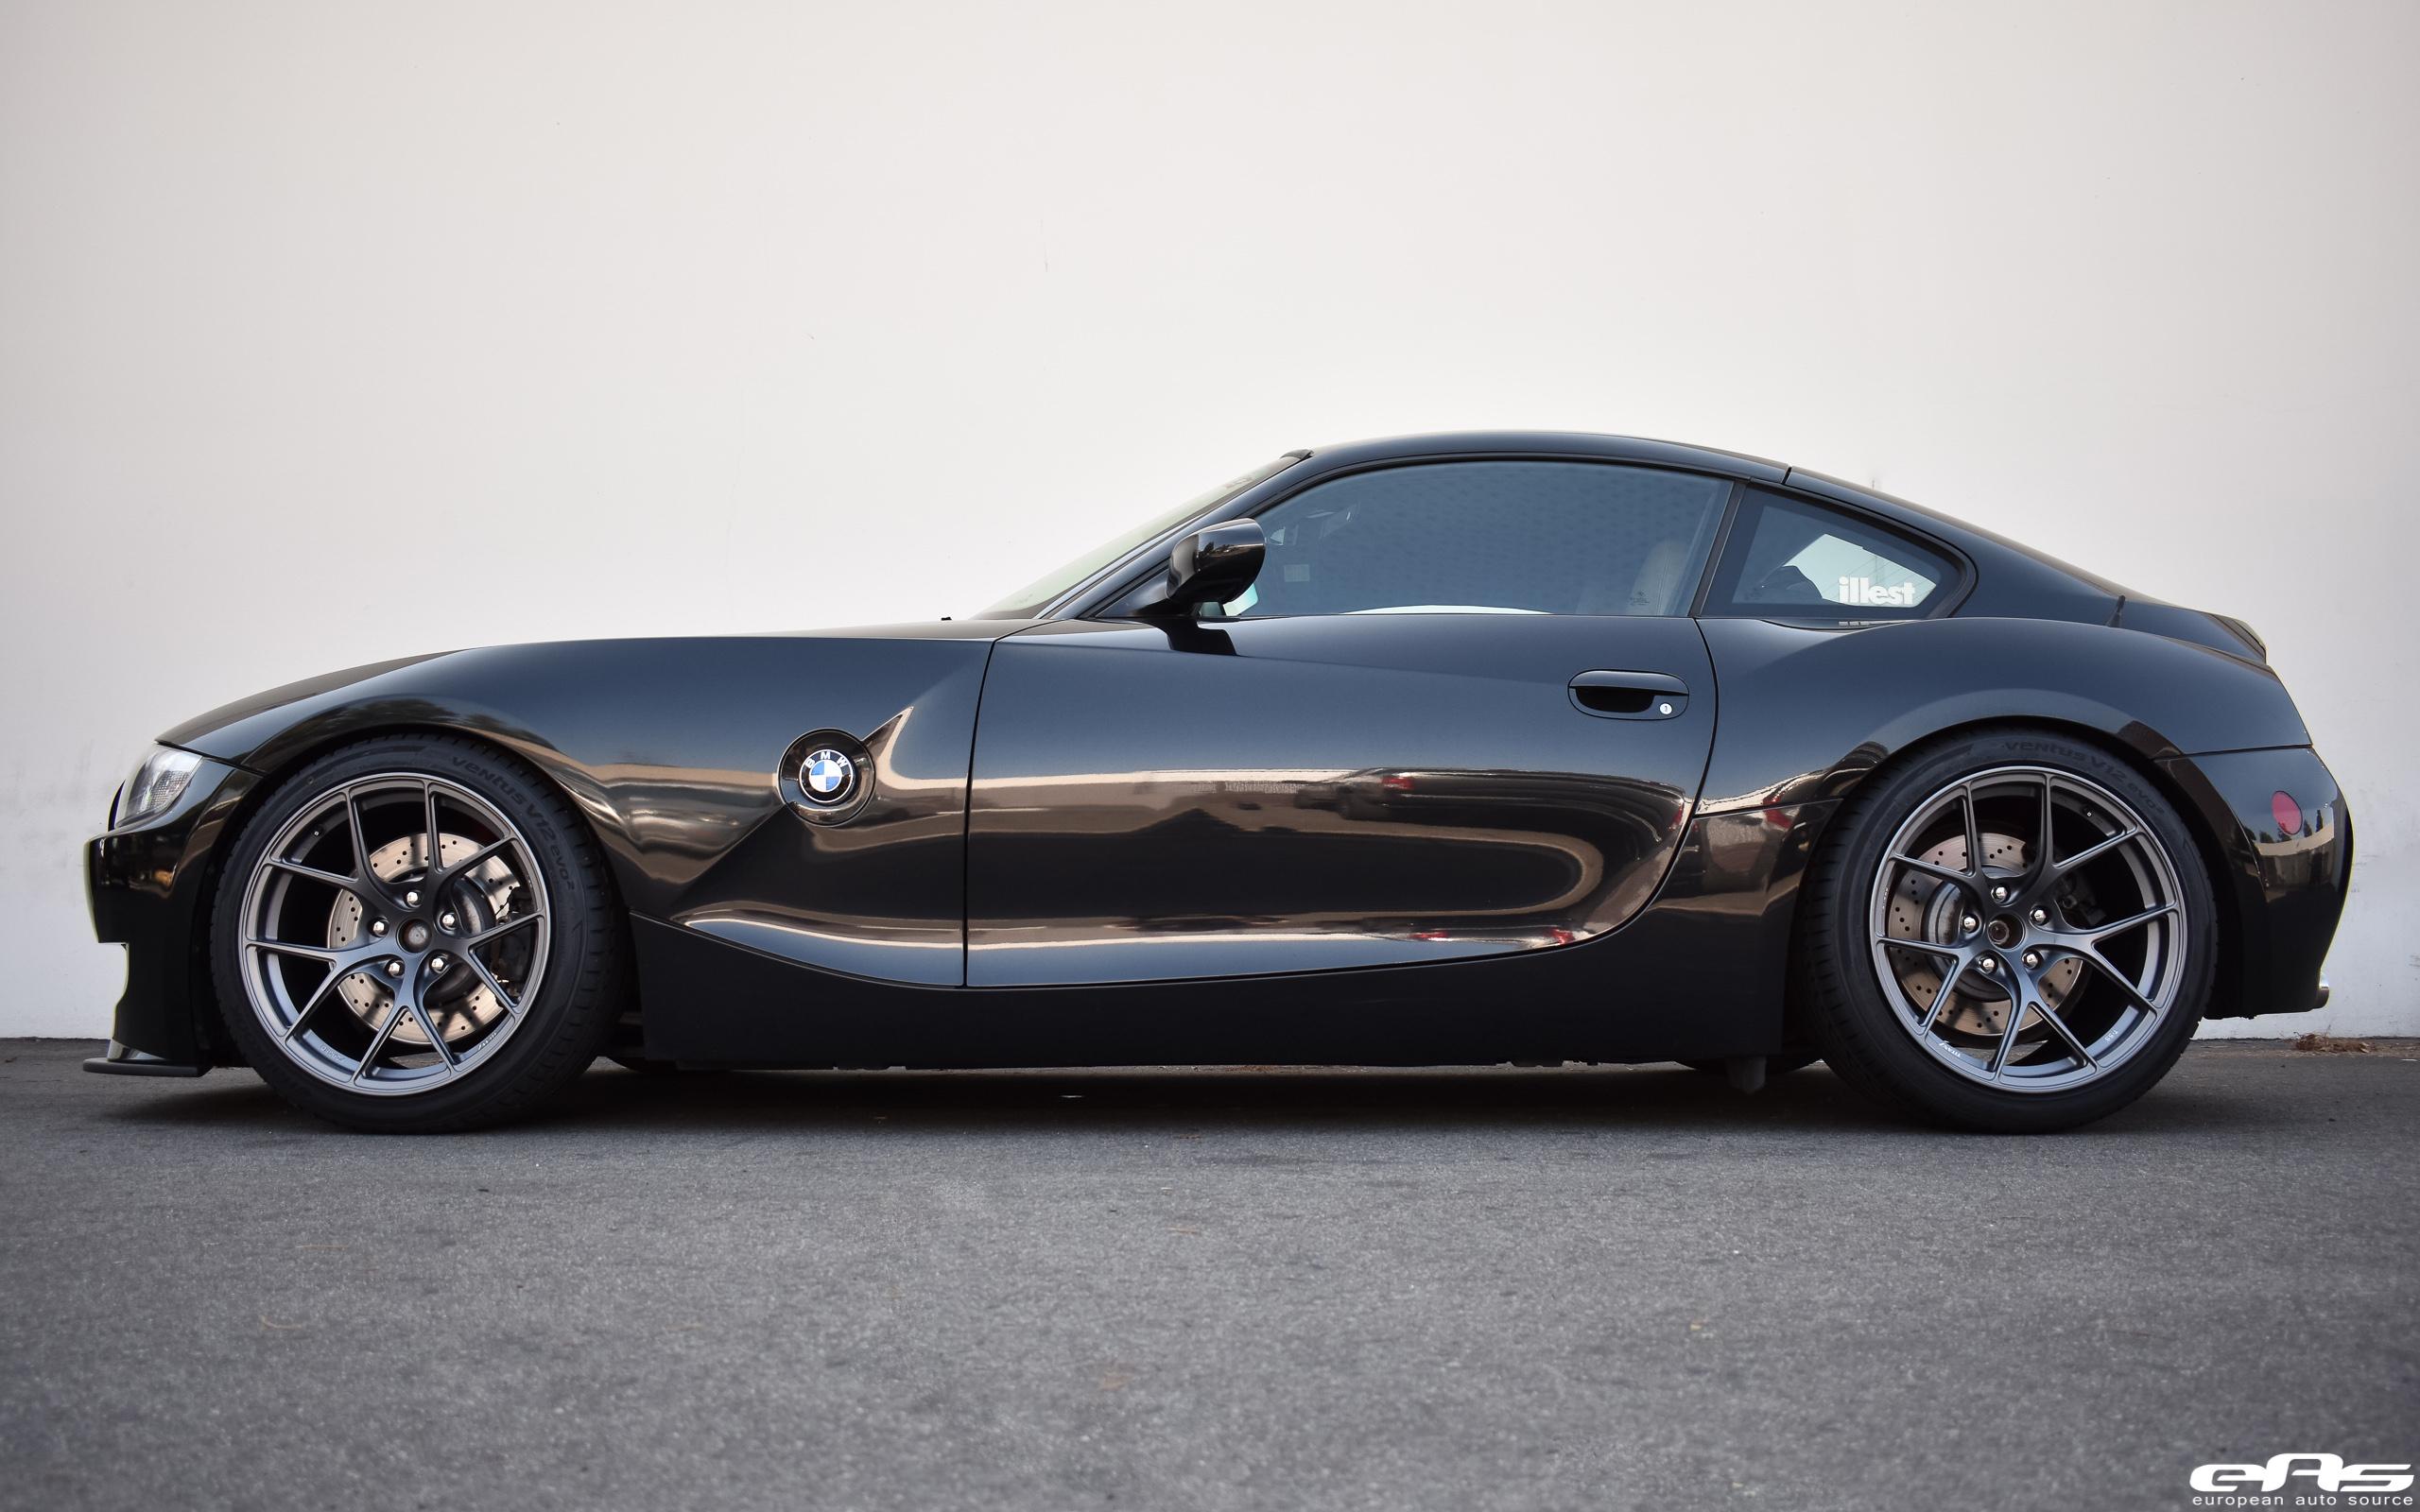 Sapphire Black Metallic E86 Z4 M Coupe Titan 7 T S5 Bmw